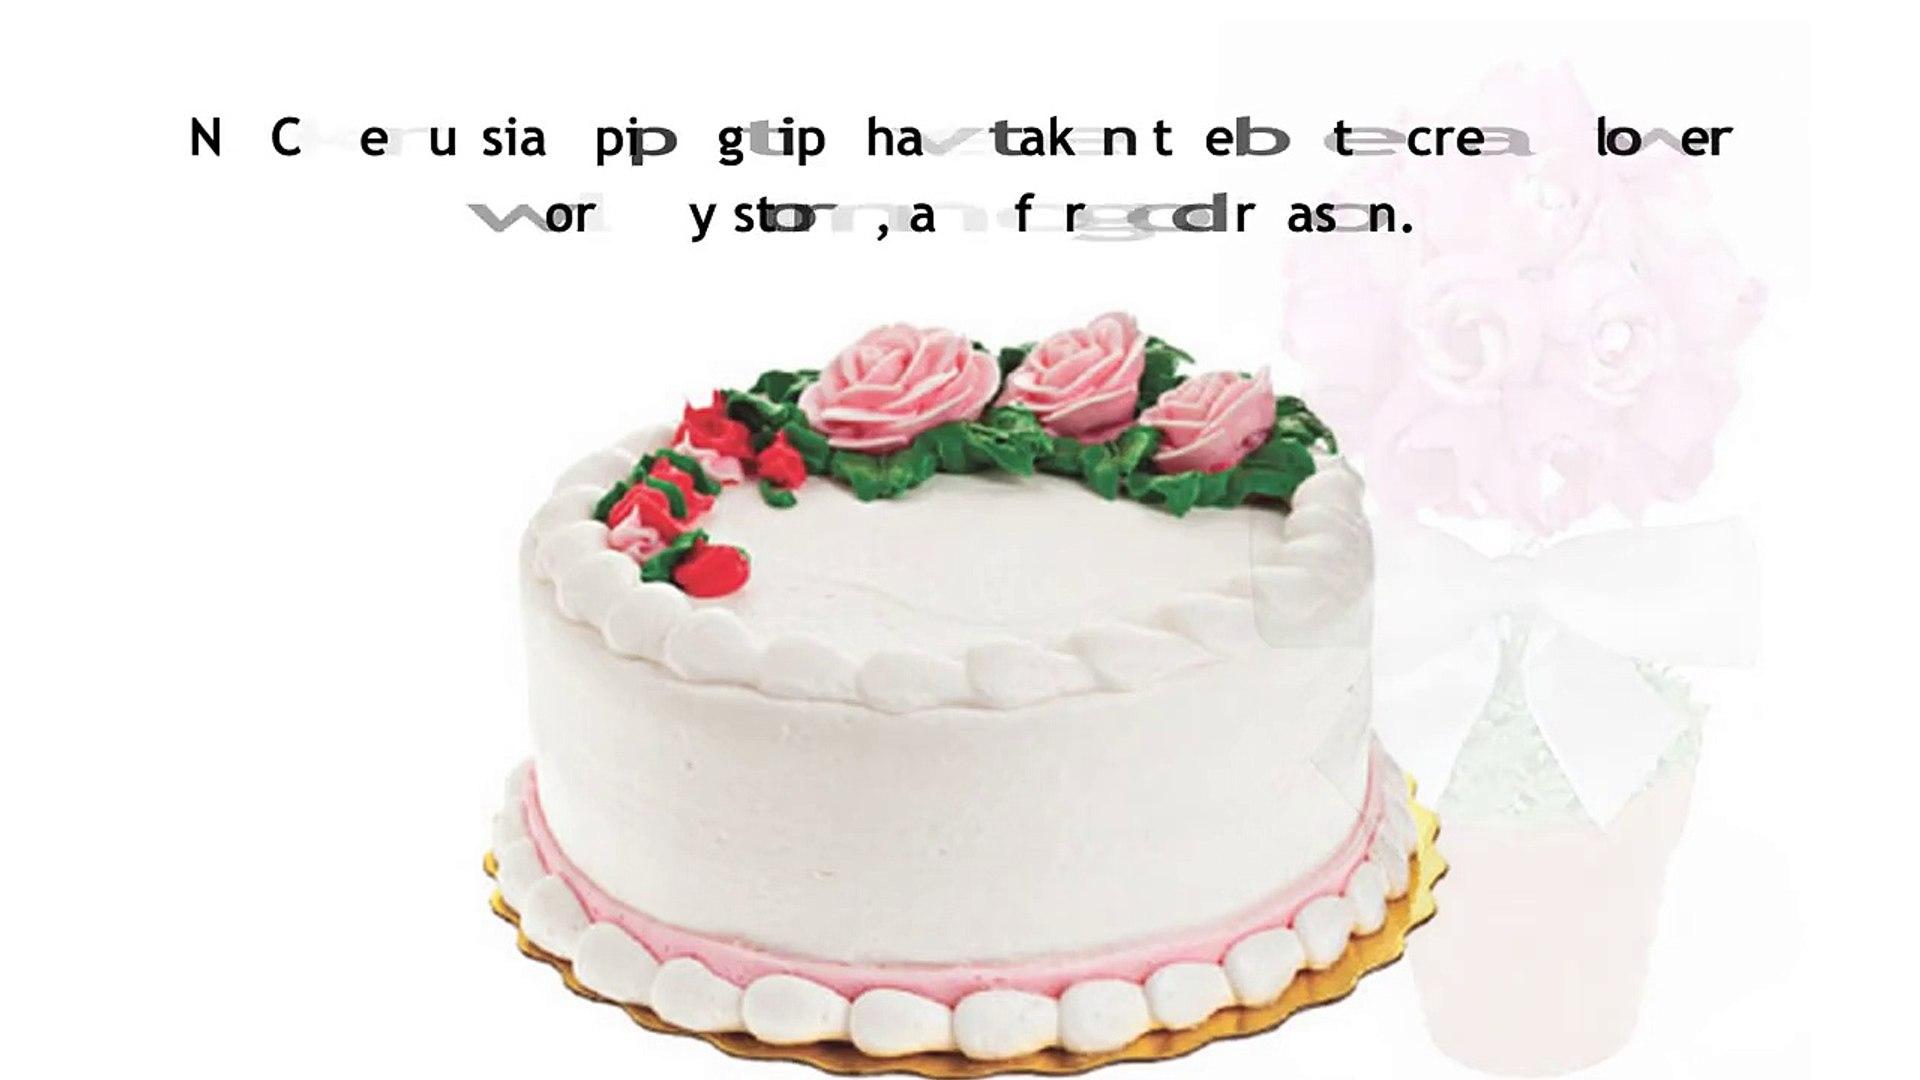 Russian Cake Tips from NY Cake